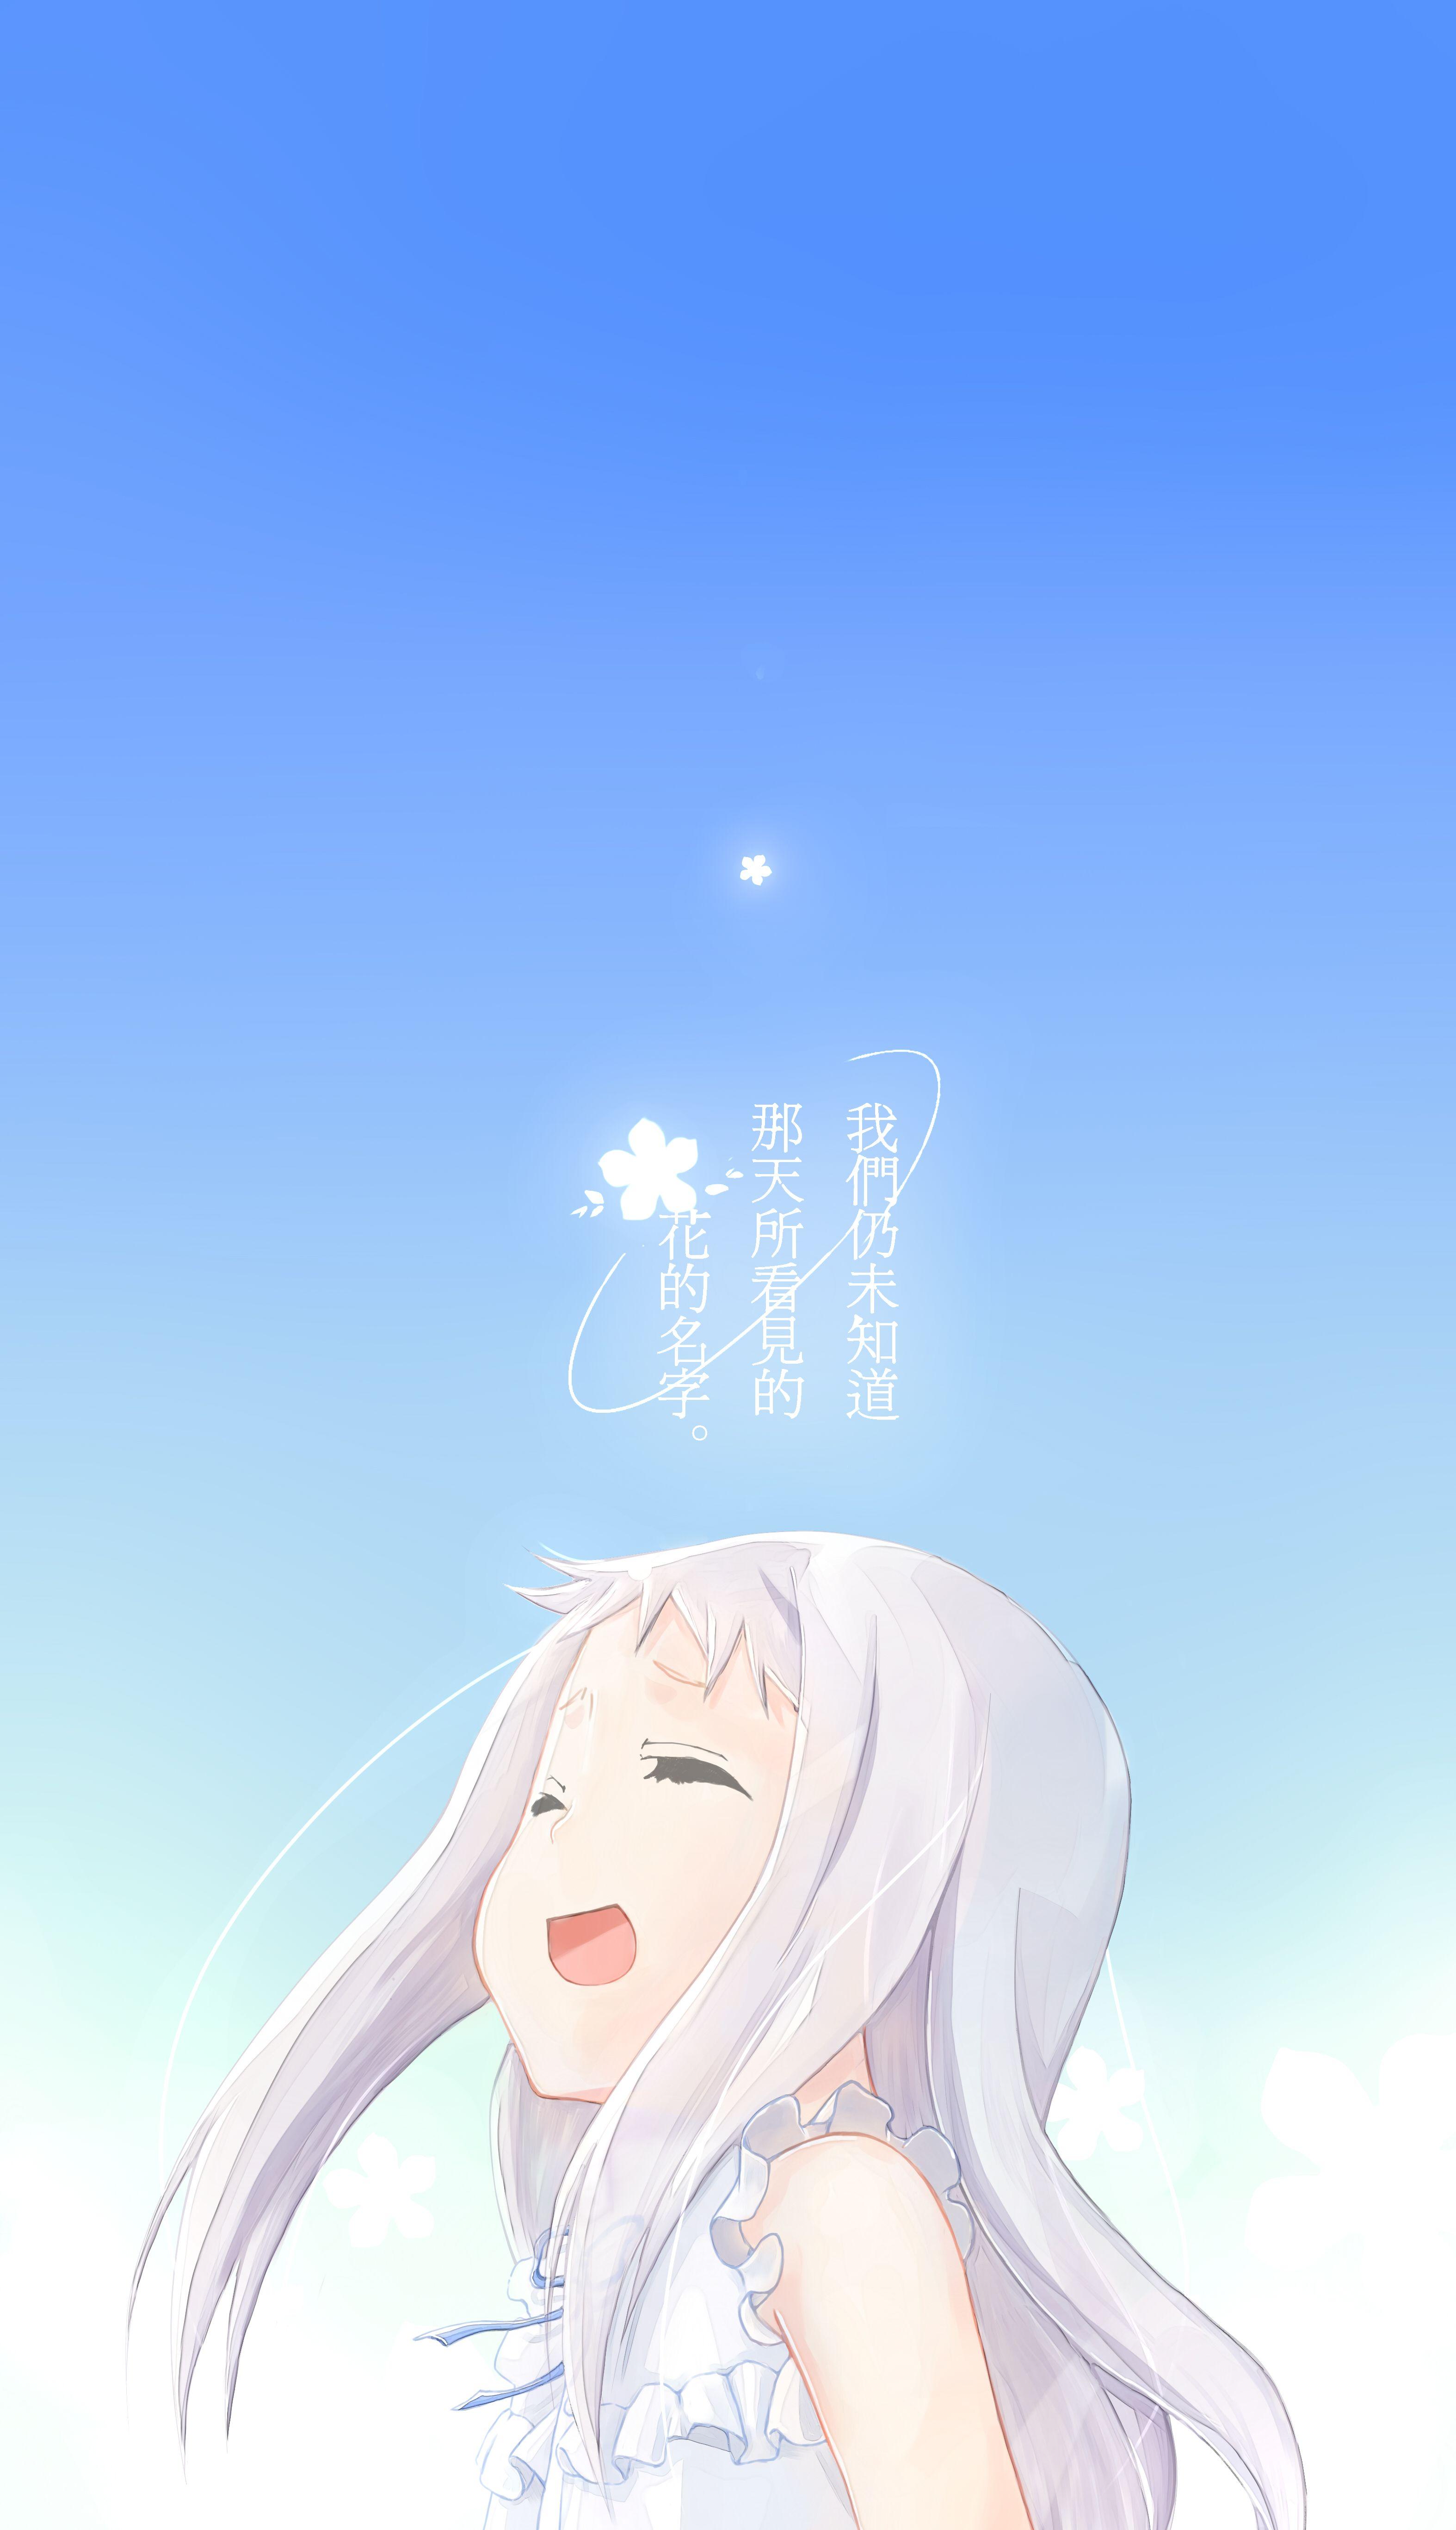 Download Anime Anohana : download, anime, anohana, Fondos, Pantalla, Menma, Anohana,, Anime,, Anohana